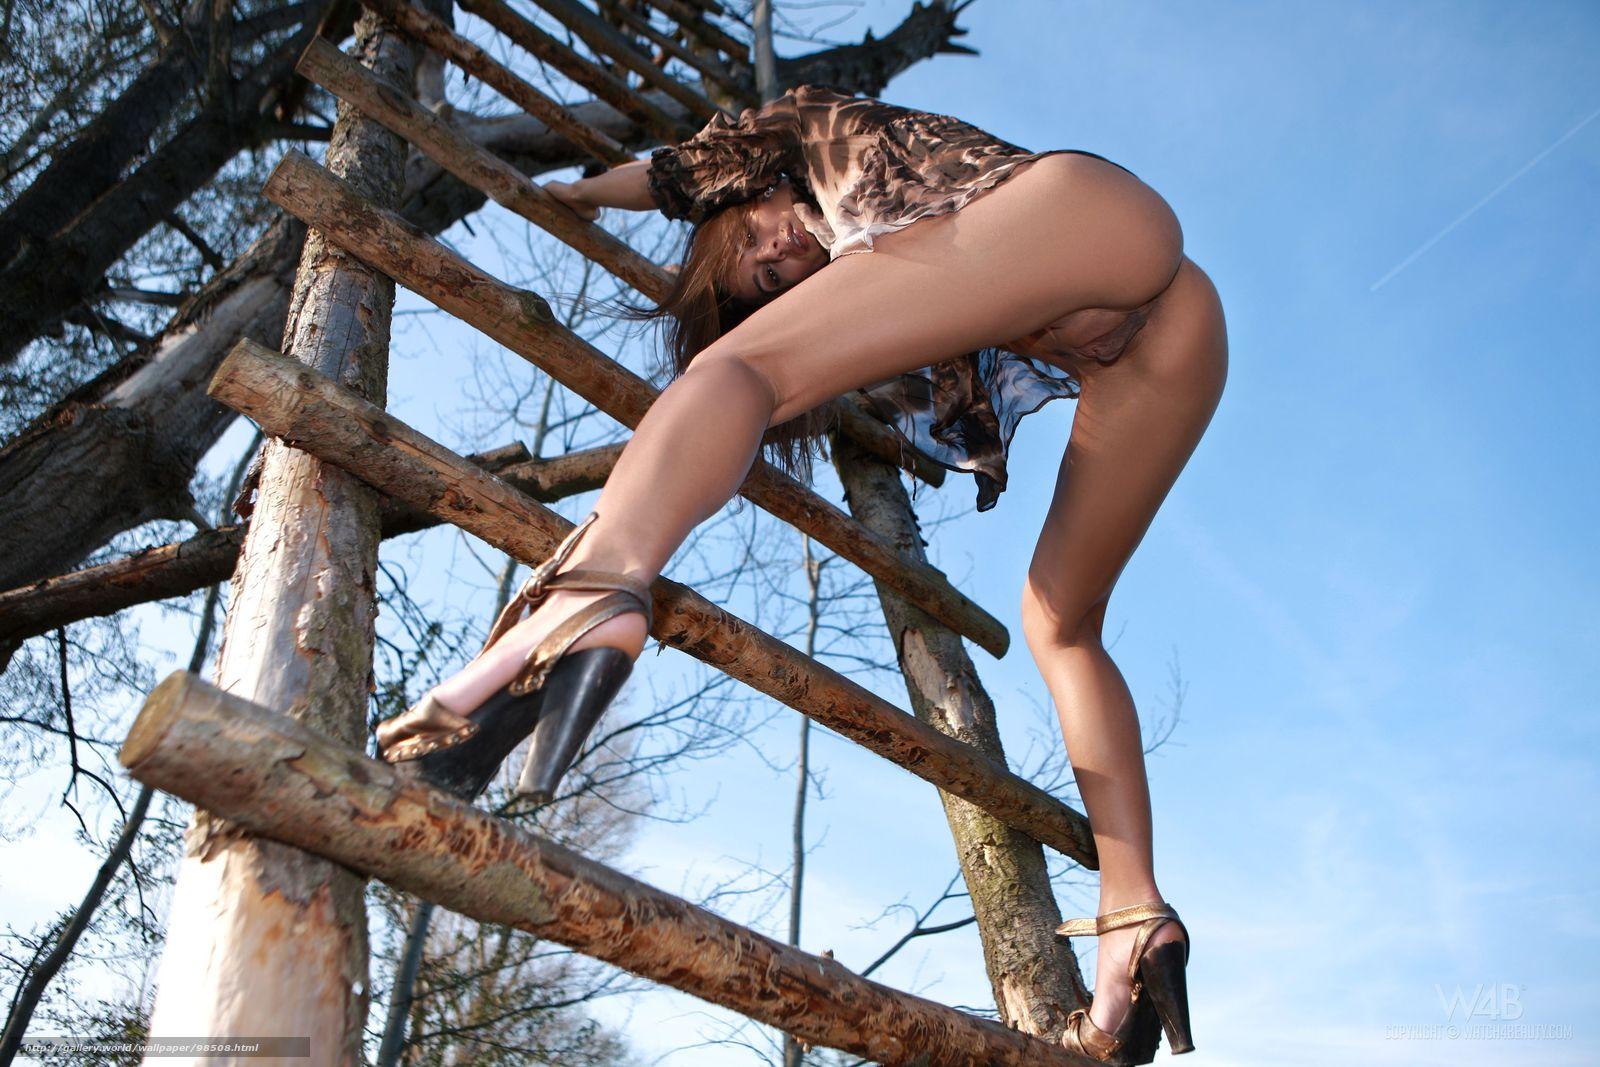 женщины голые вид снизу фото